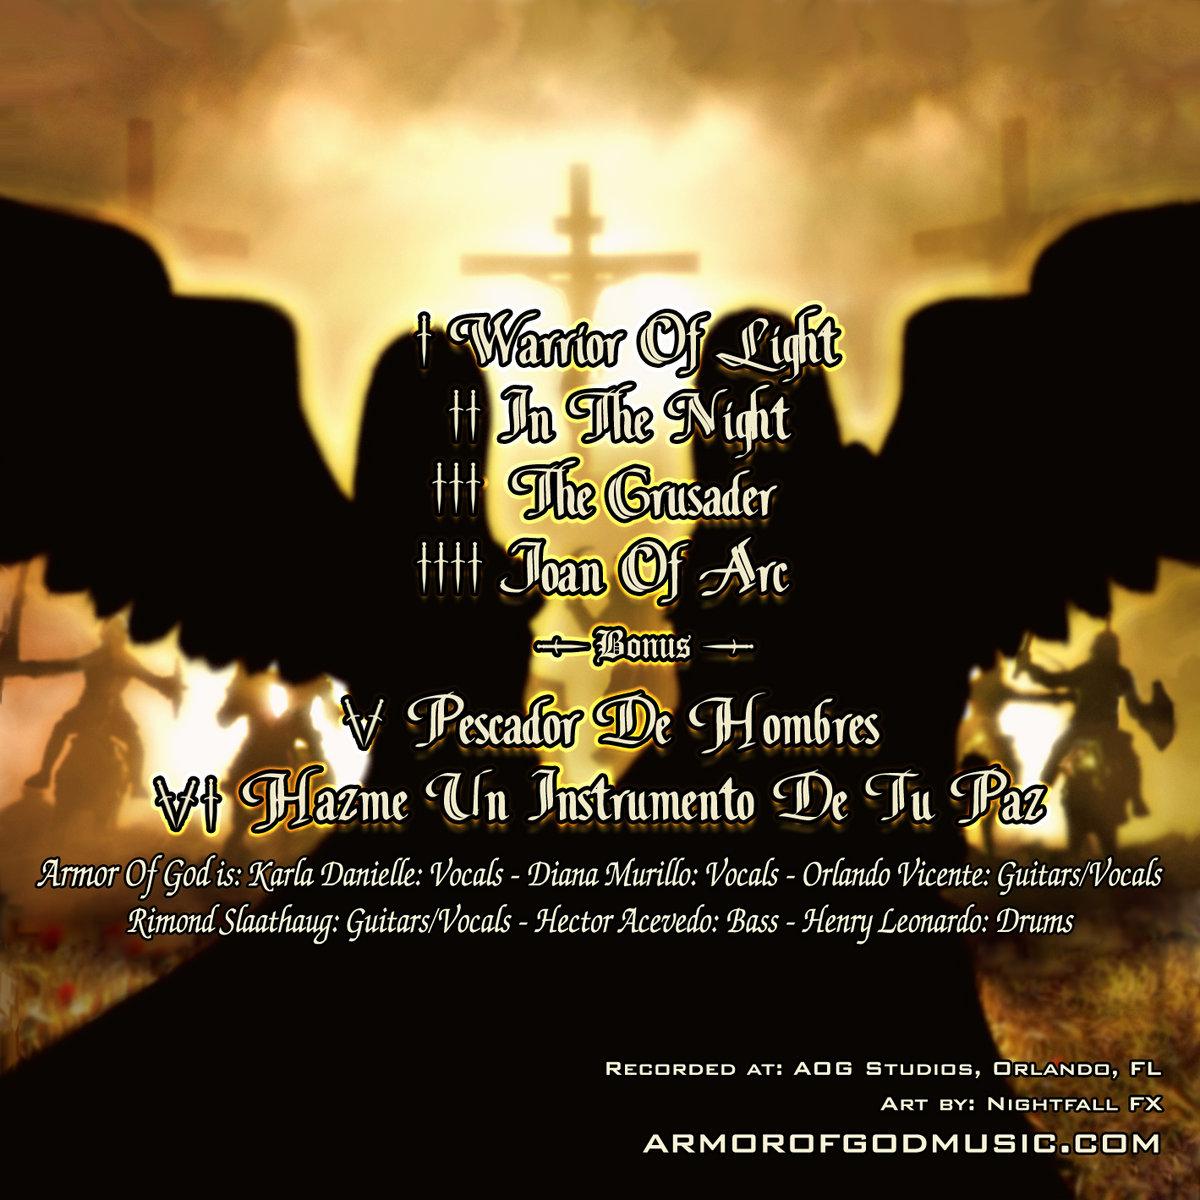 Warrior Of Light Armor Of God